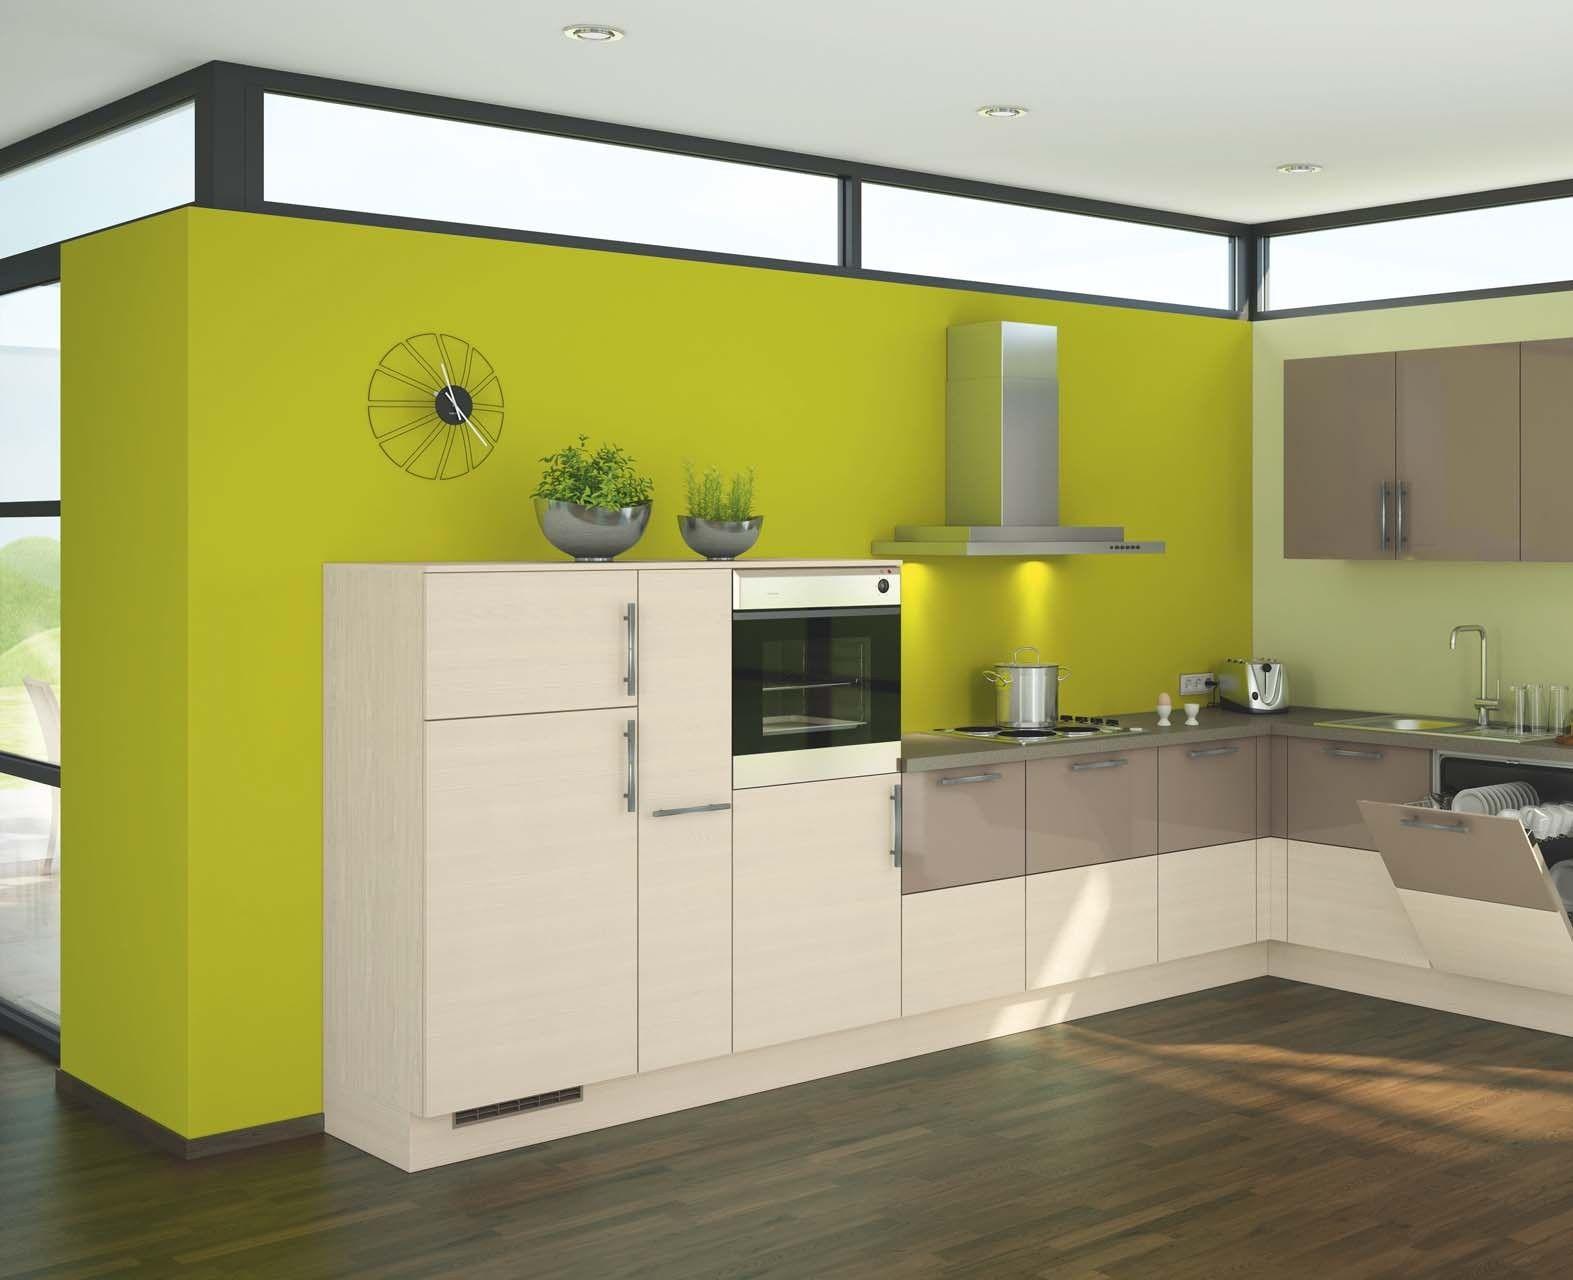 Cocina Pistacho Gris Vert Pantone Deco Interieure Mobilier De